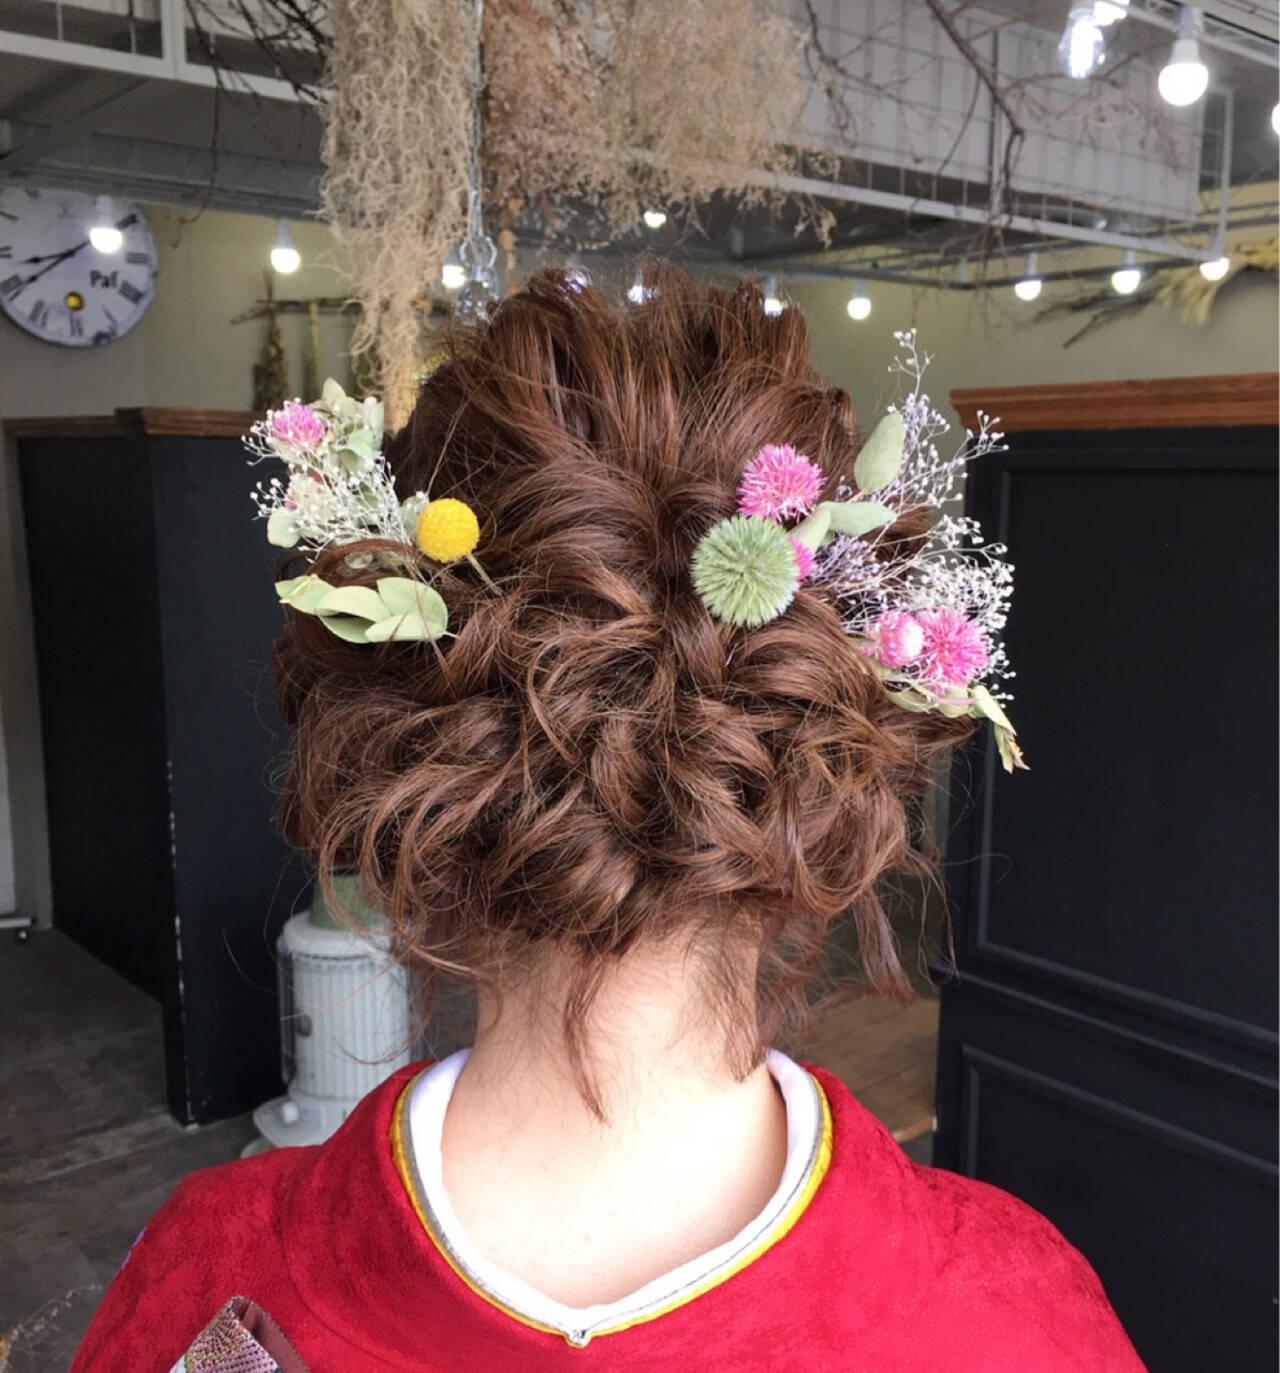 ミディアム 結婚式 ヘアアレンジ フェミニンヘアスタイルや髪型の写真・画像